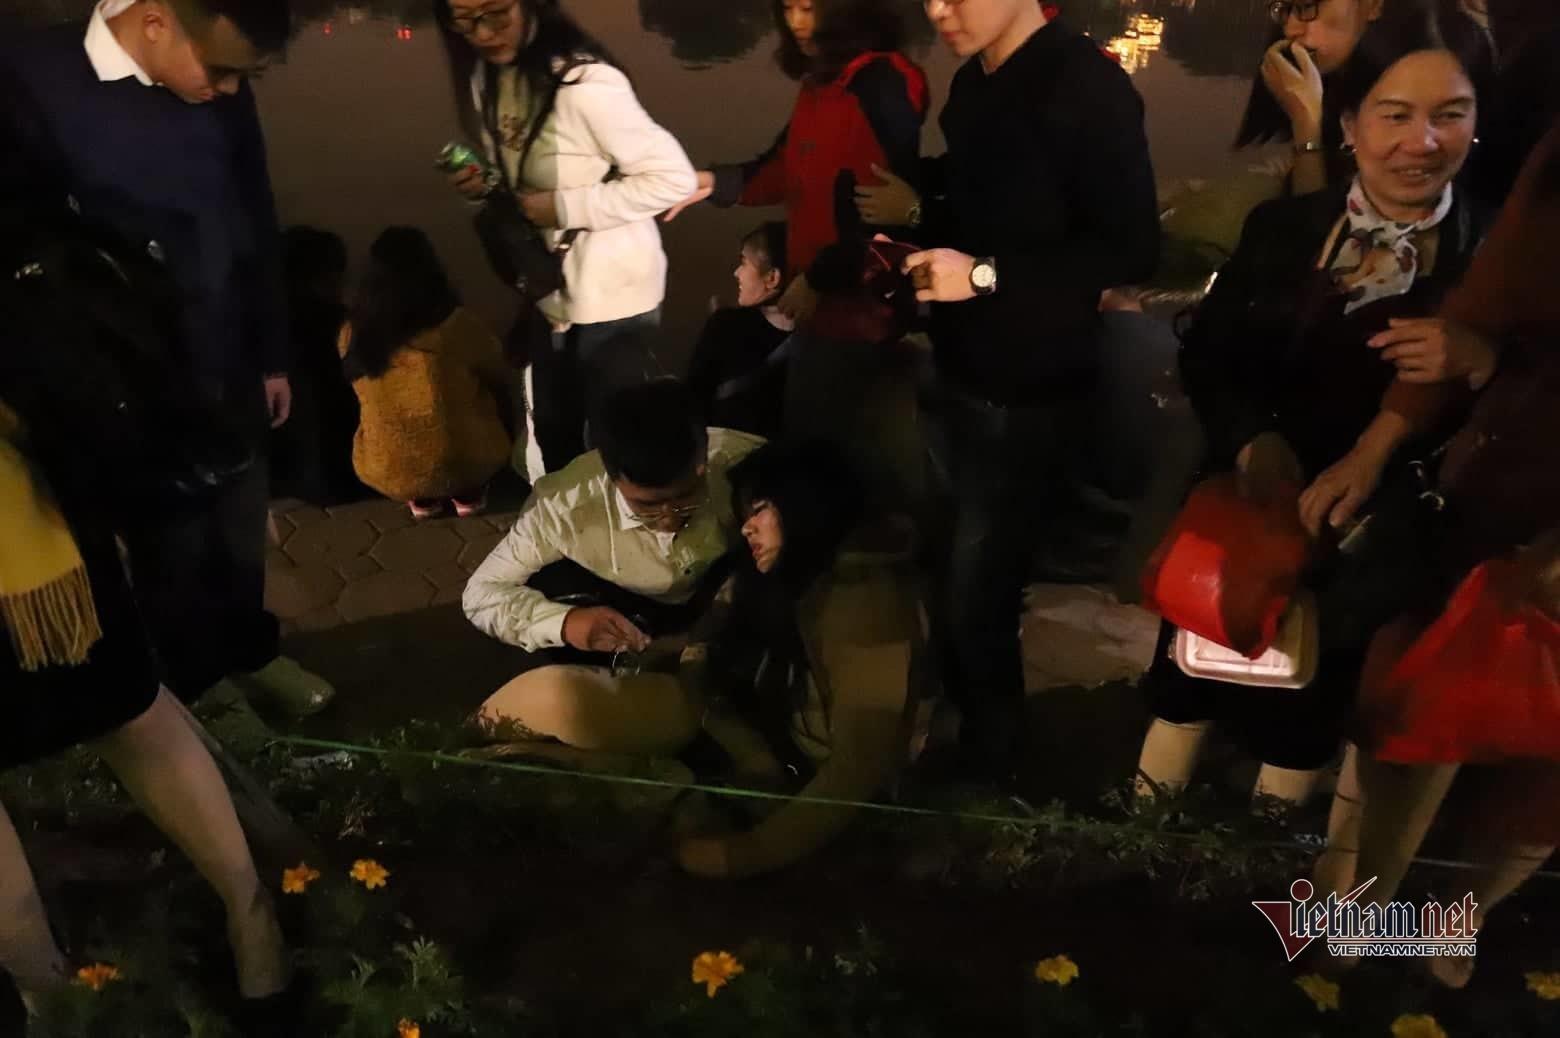 Clip: Kinh hoàng khoảnh khắc biển người chen nhau đến ngất xỉu để đón năm mới ở Hà Nội-5